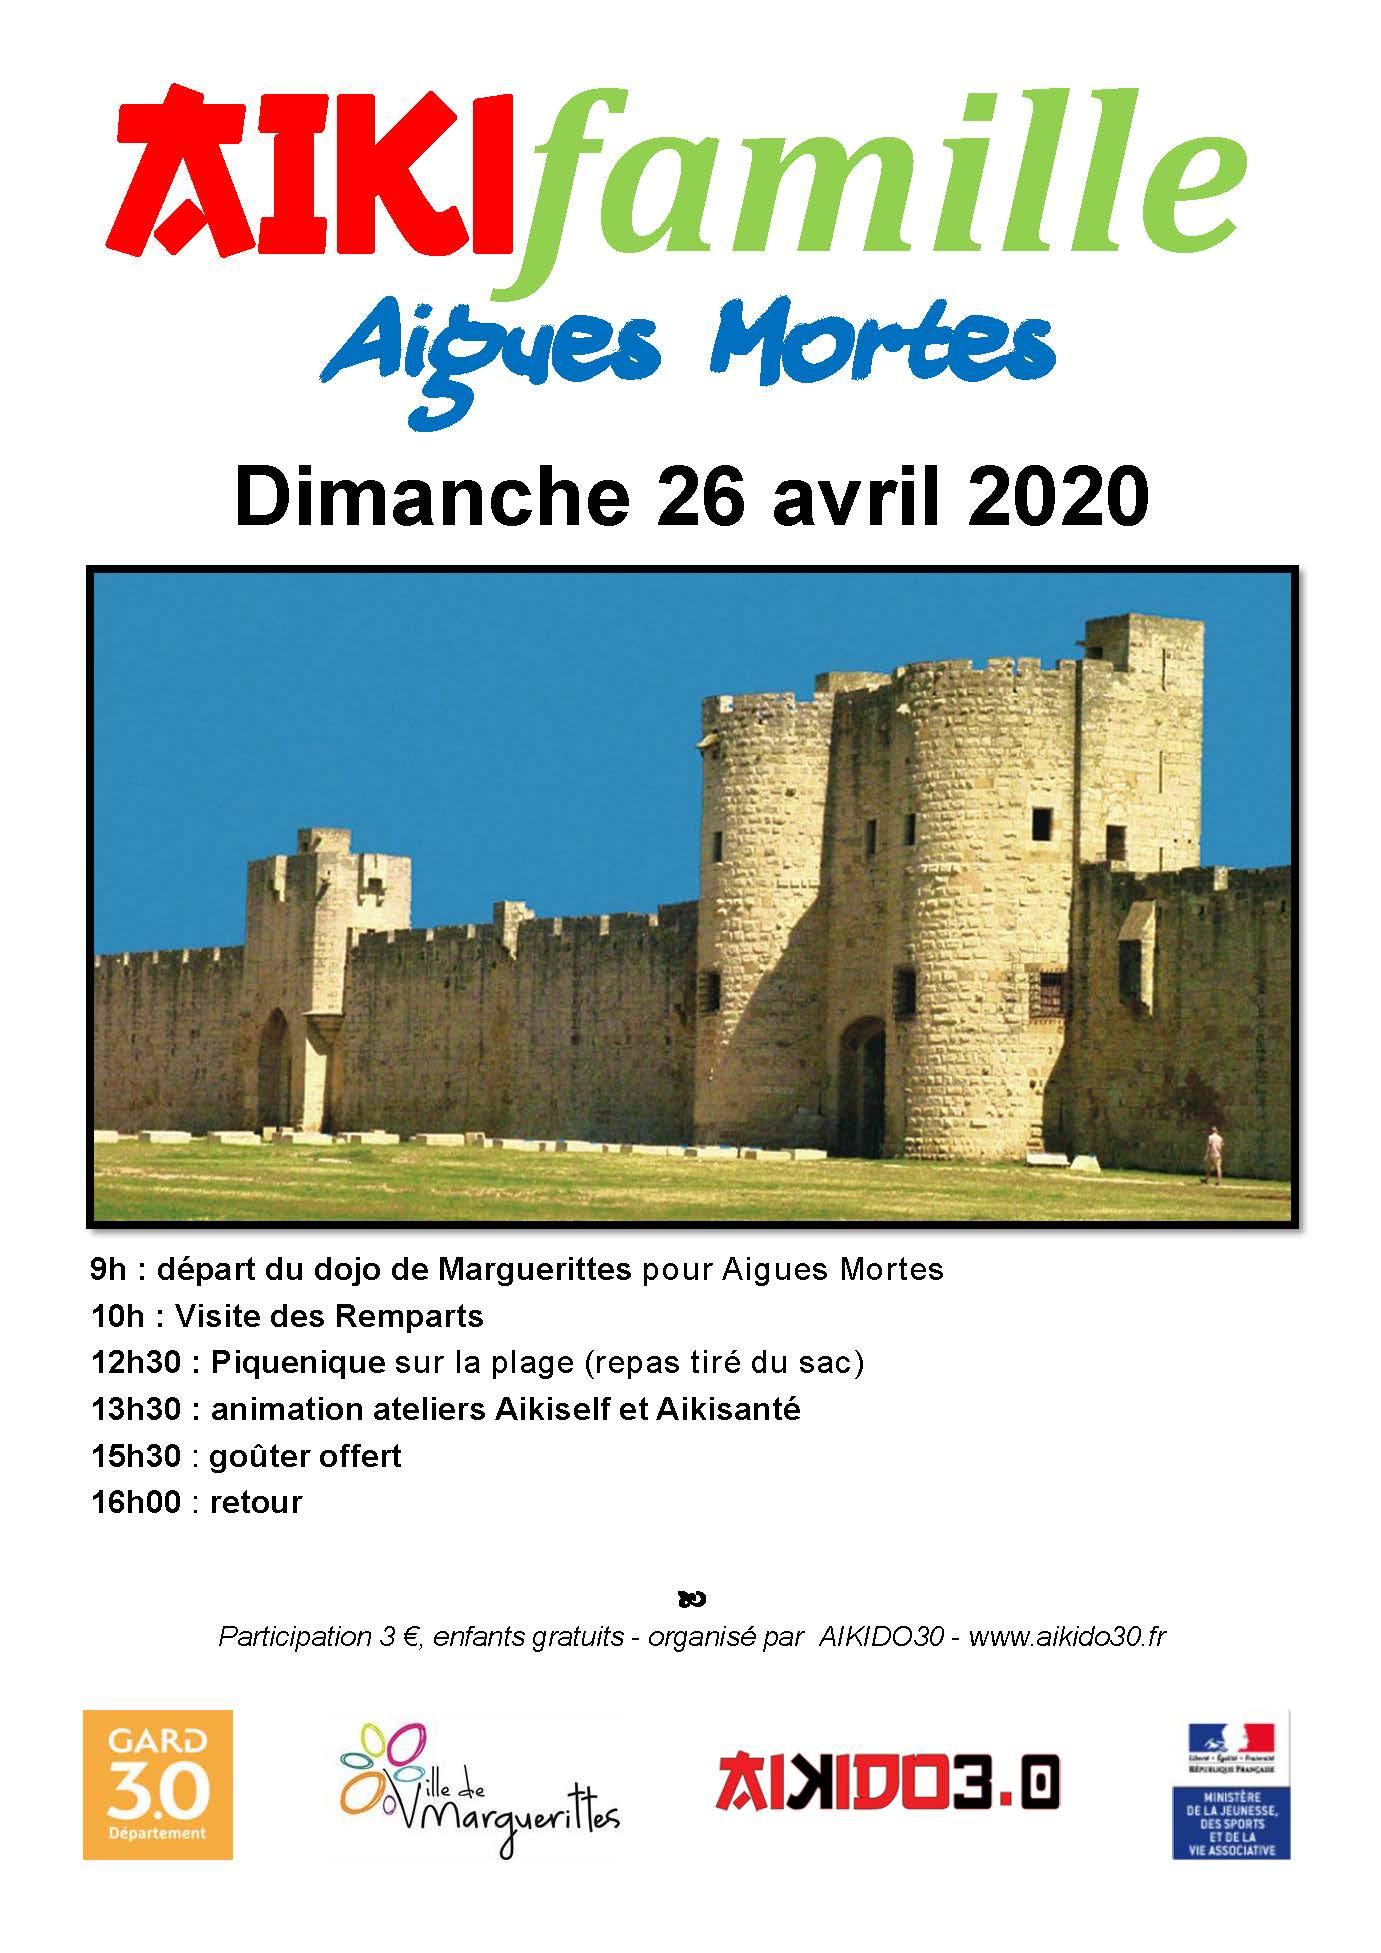 Sortie Aïkifamille à Aigues Mortes dimanche 26 avril 2020 REPORTE